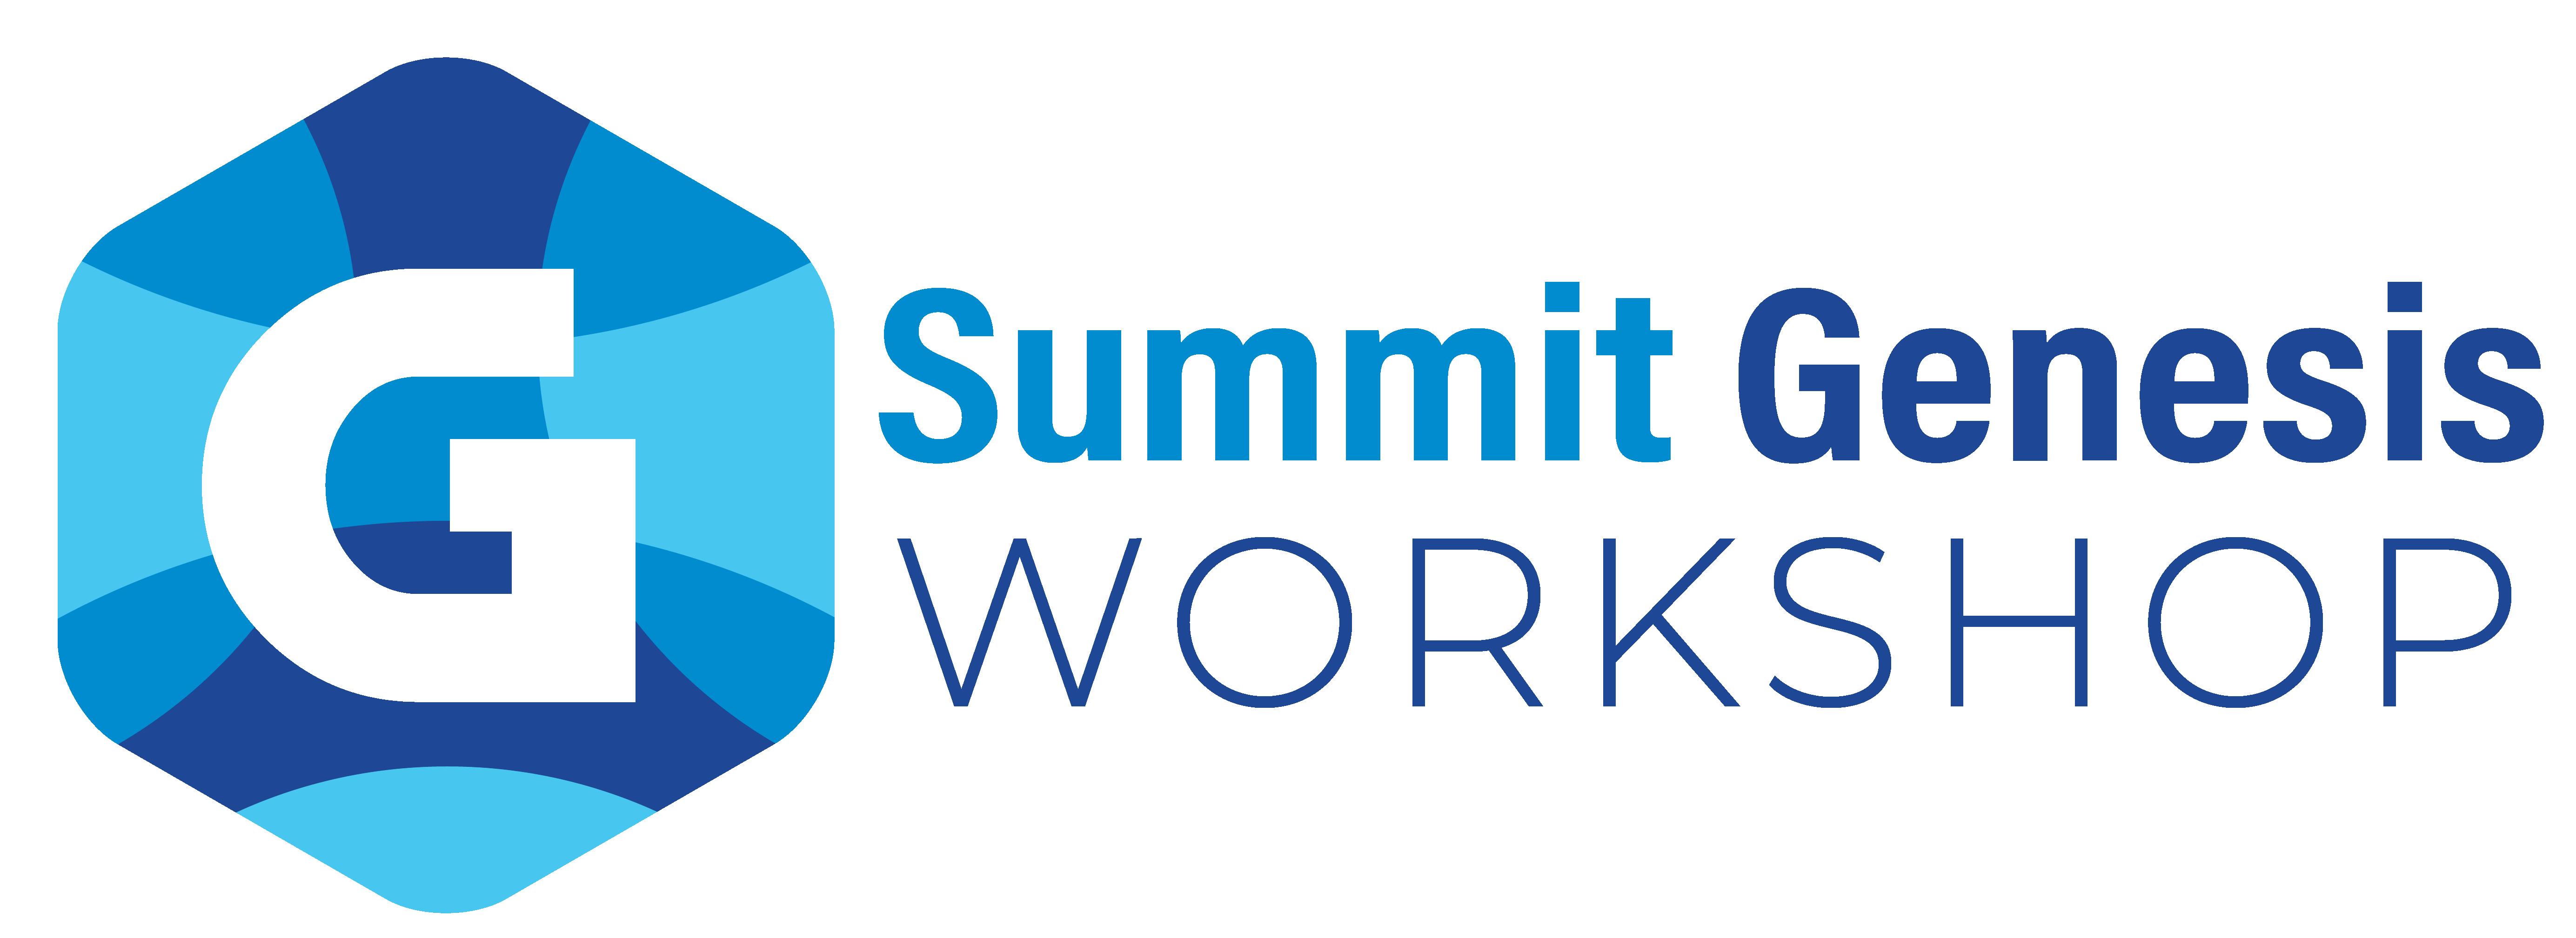 summit genesis